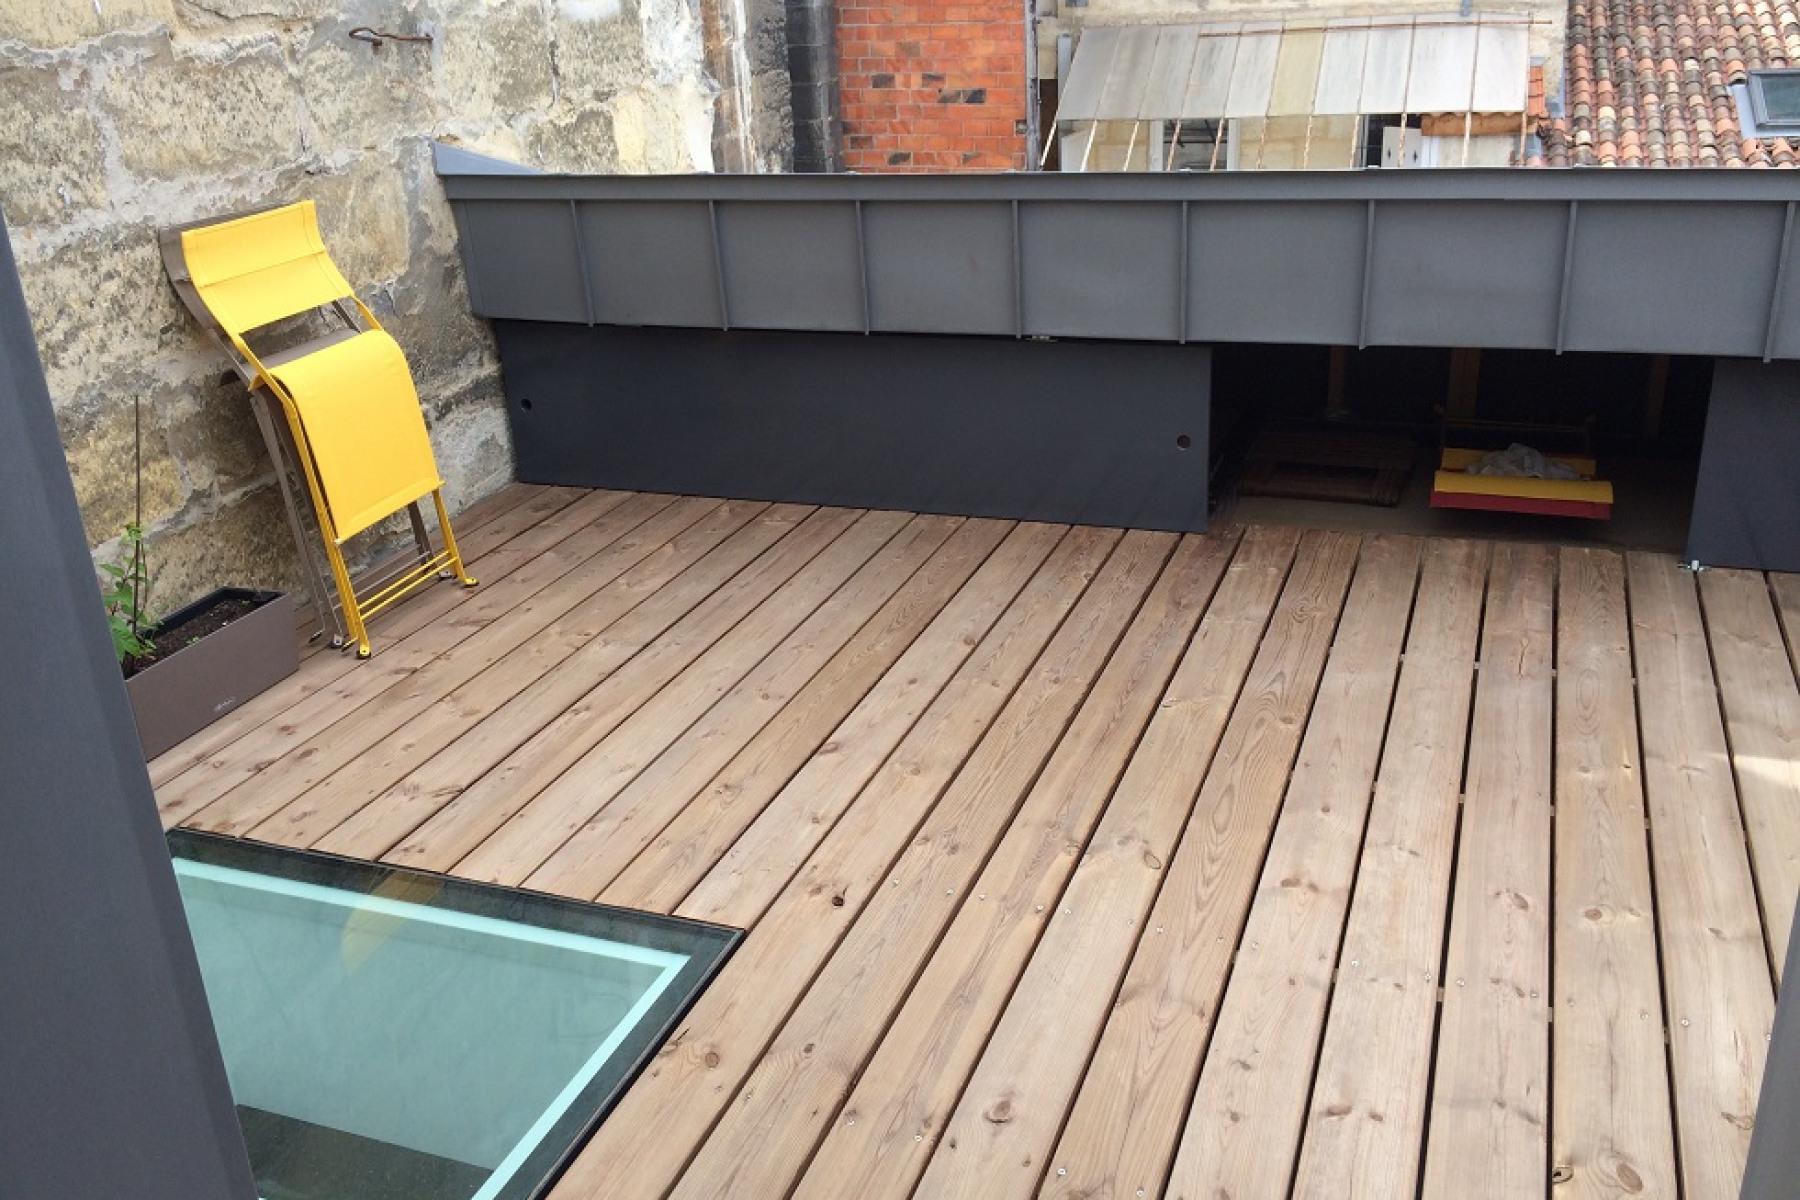 Creer Une Terrasse Tropezienne création d'une terrasse tropézienne à bordeaux - archidvisor